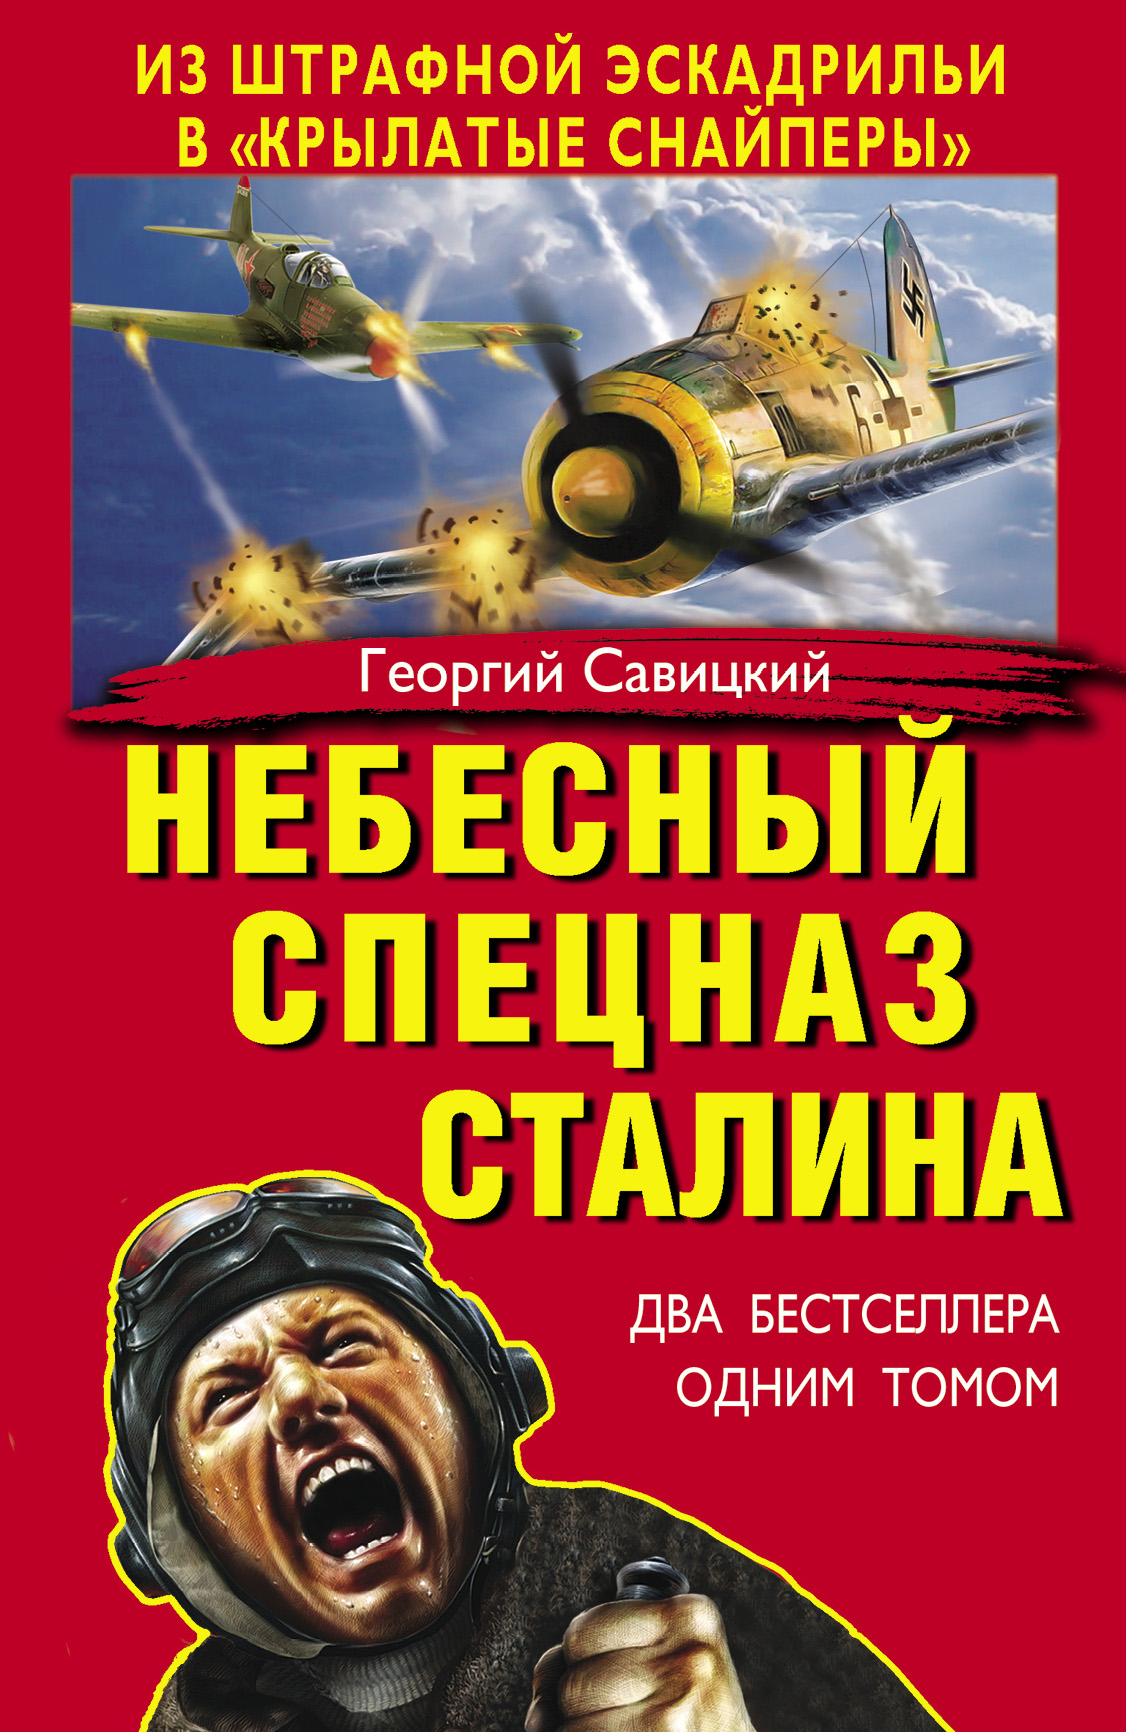 Георгий Савицкий Небесный спецназ Сталина. Из штрафной эскадрильи в «крылатые снайперы» (сборник) цена